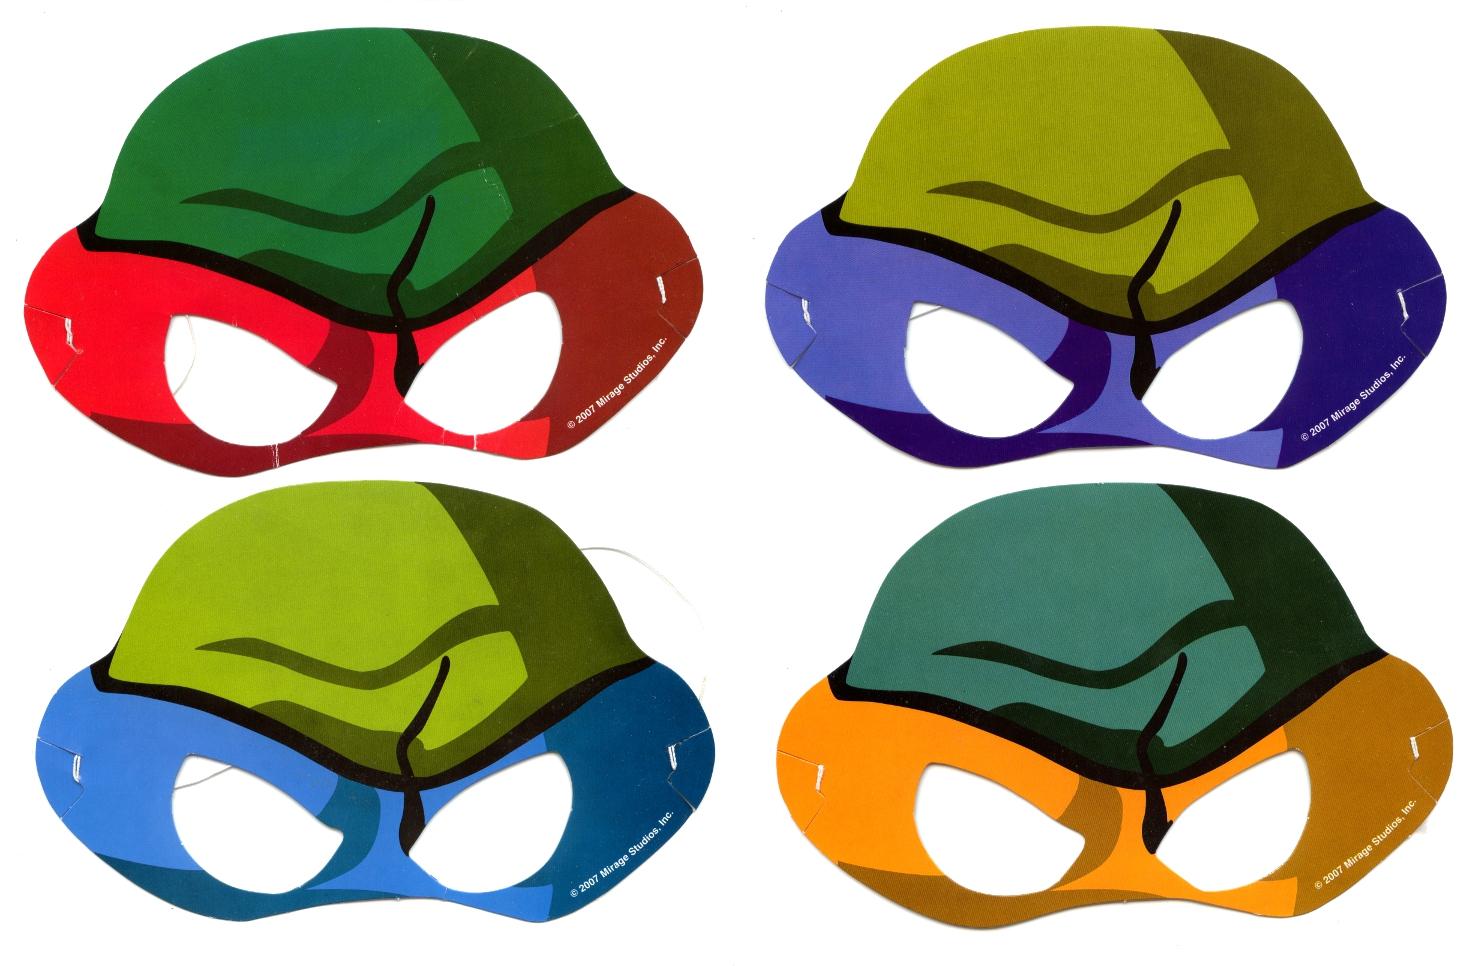 картинка маски черепашки фотографиях запечатлено, сколько